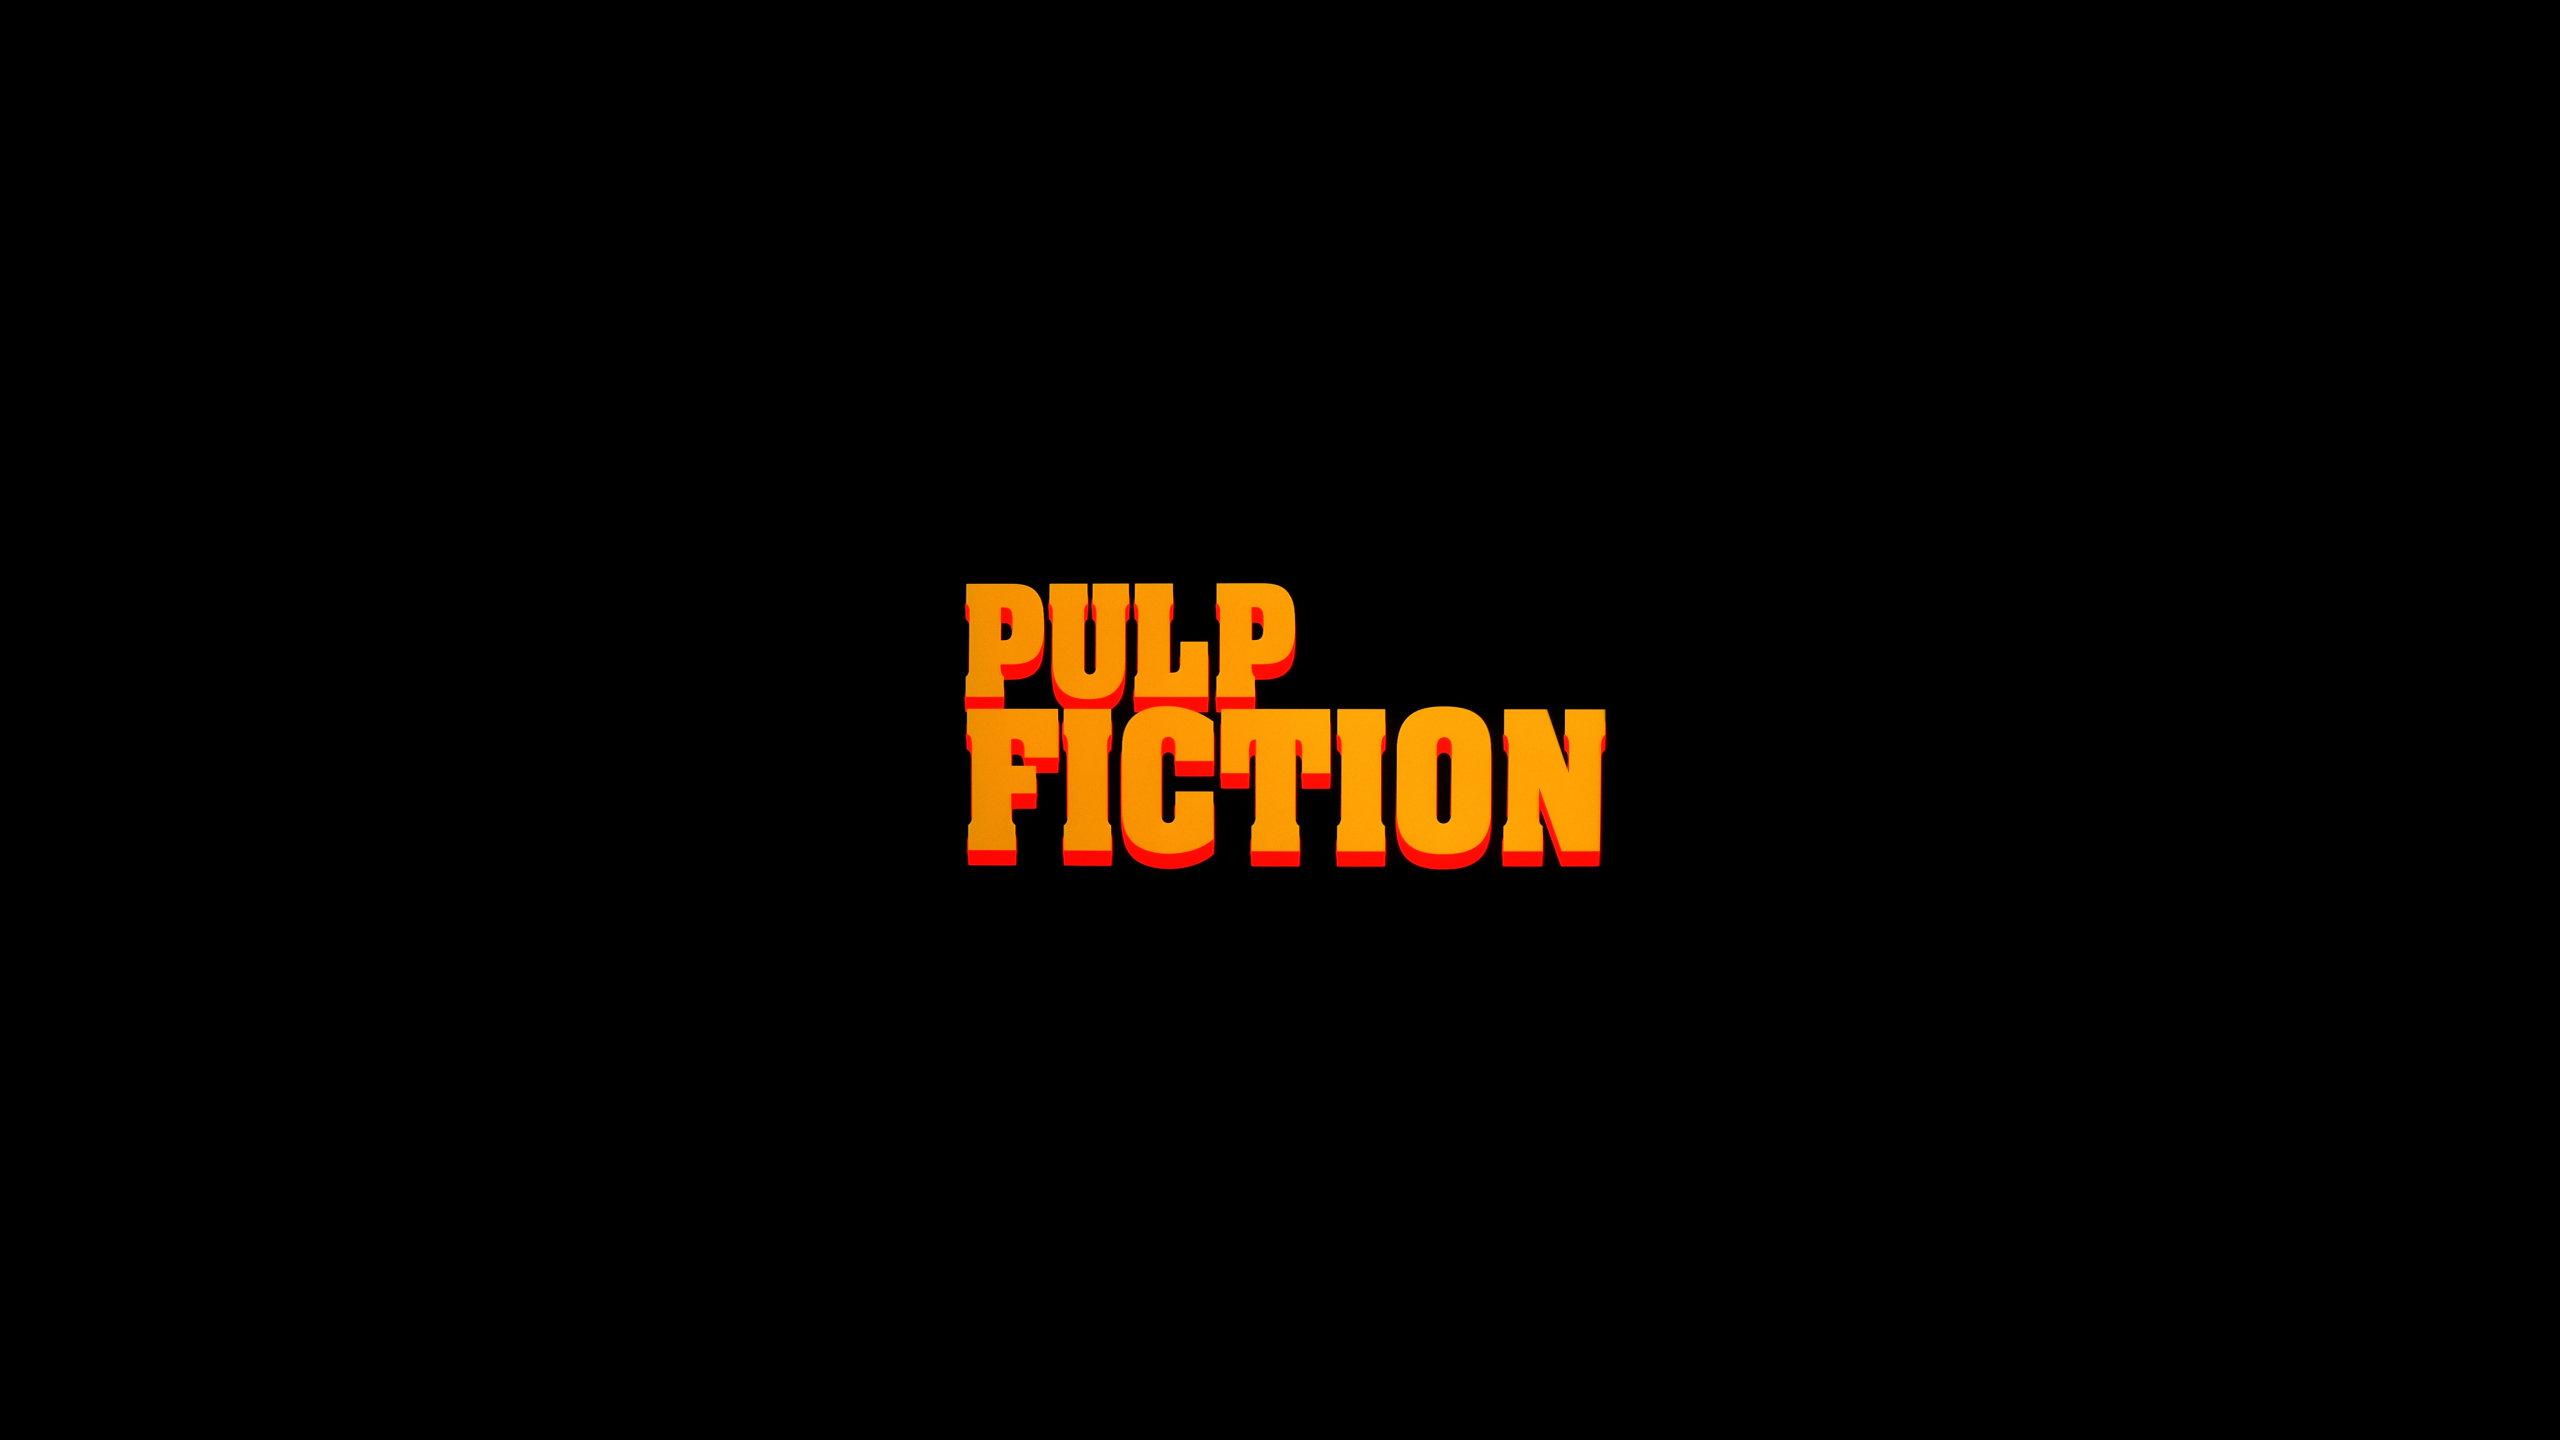 Best Pulp Fiction Wallpaper ID158112 For High Resolution Hd 2560x1440 Desktop